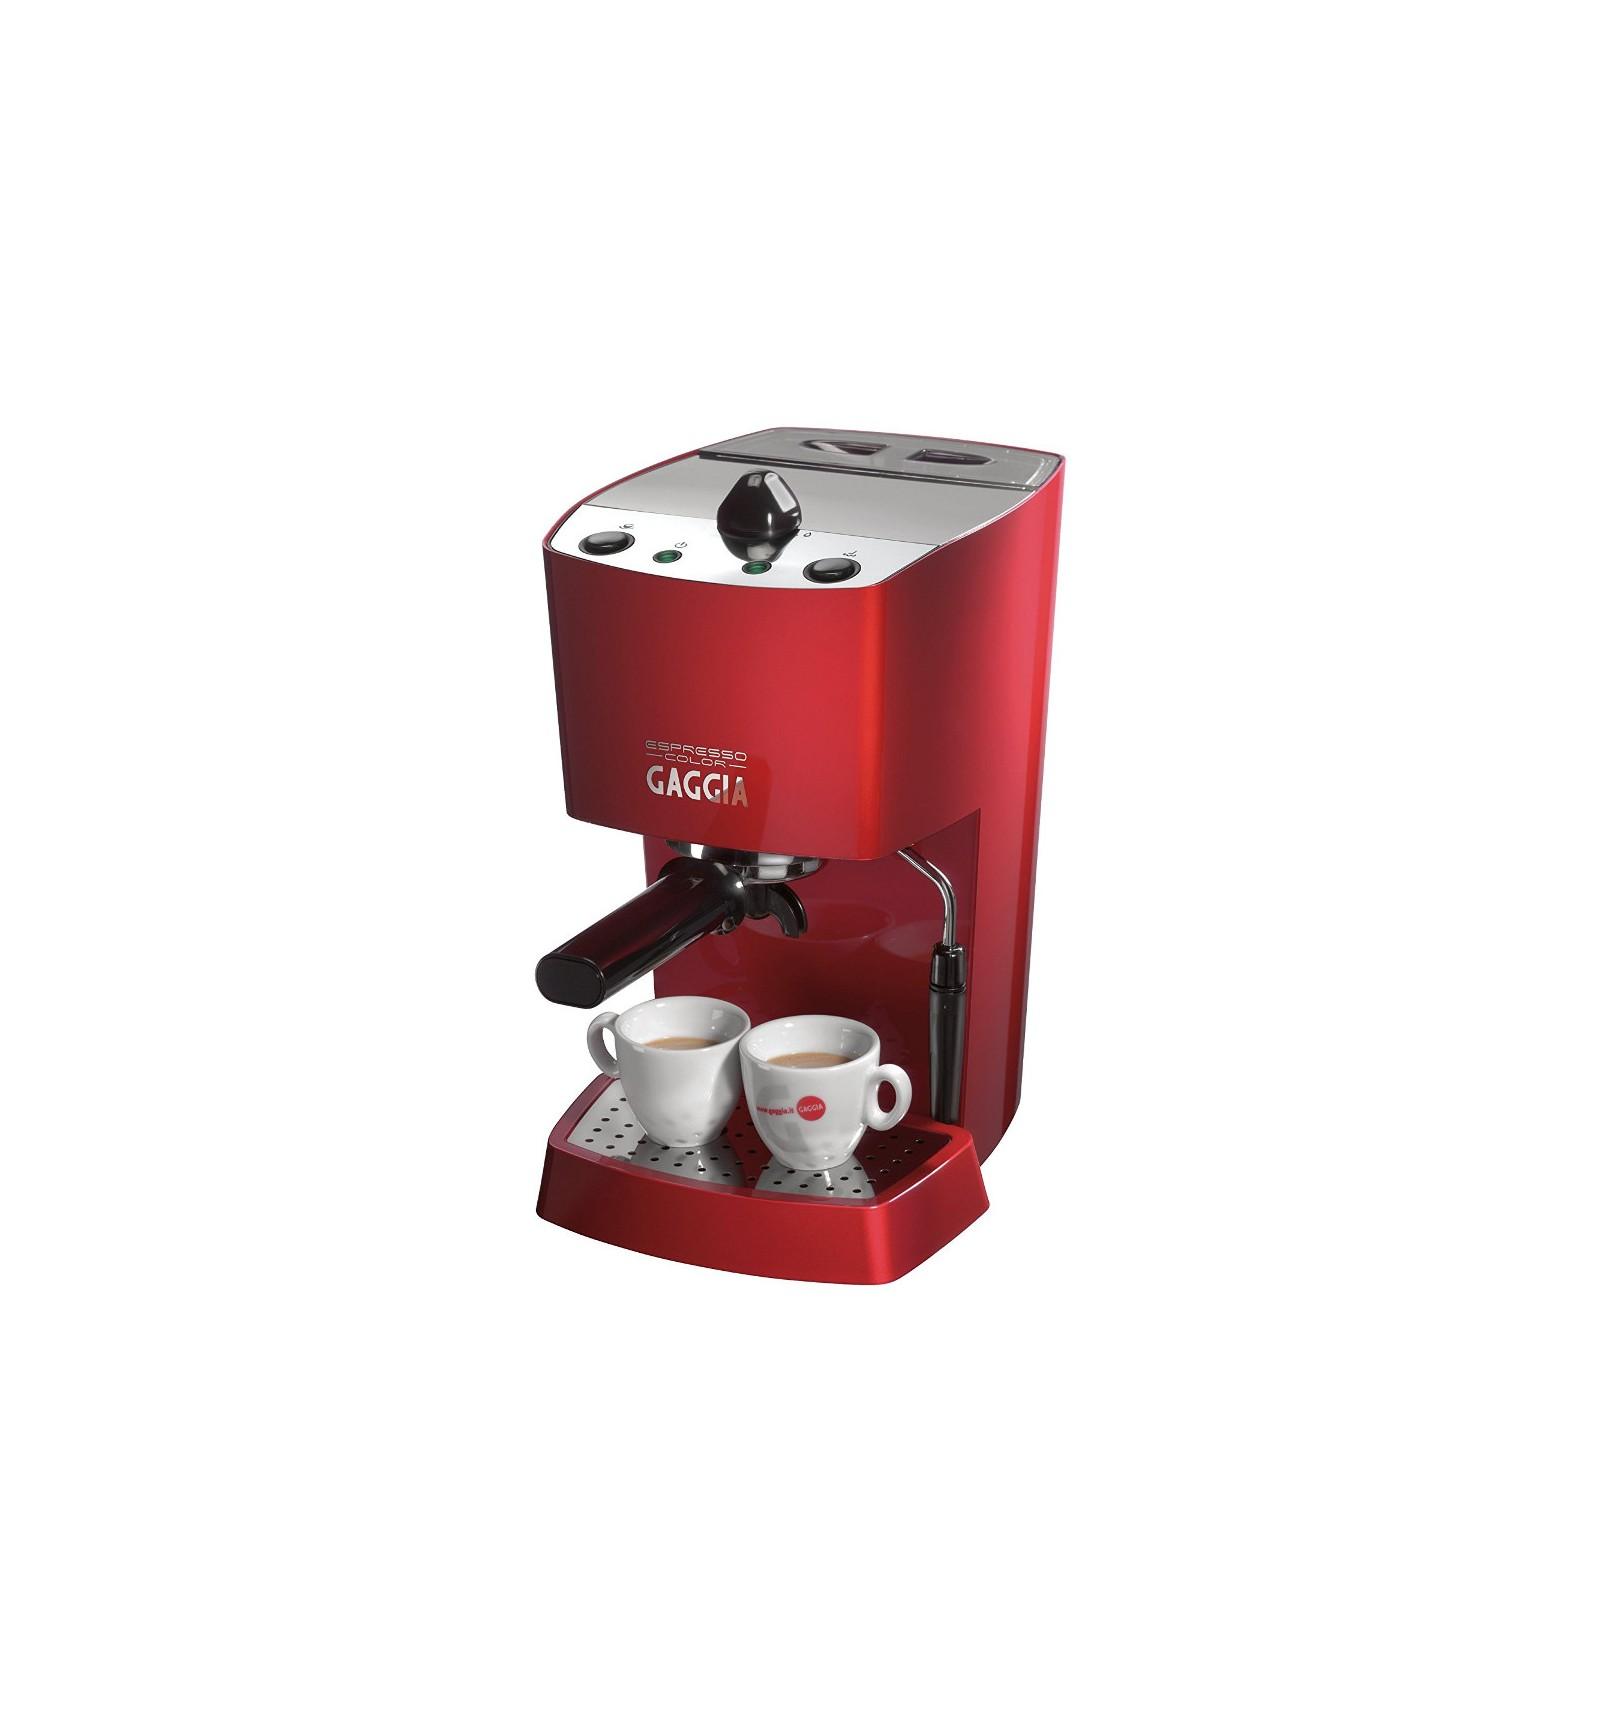 Gaggia 74841 Espresso Coffee Maker Deep Red : Gaggia Espresso Color